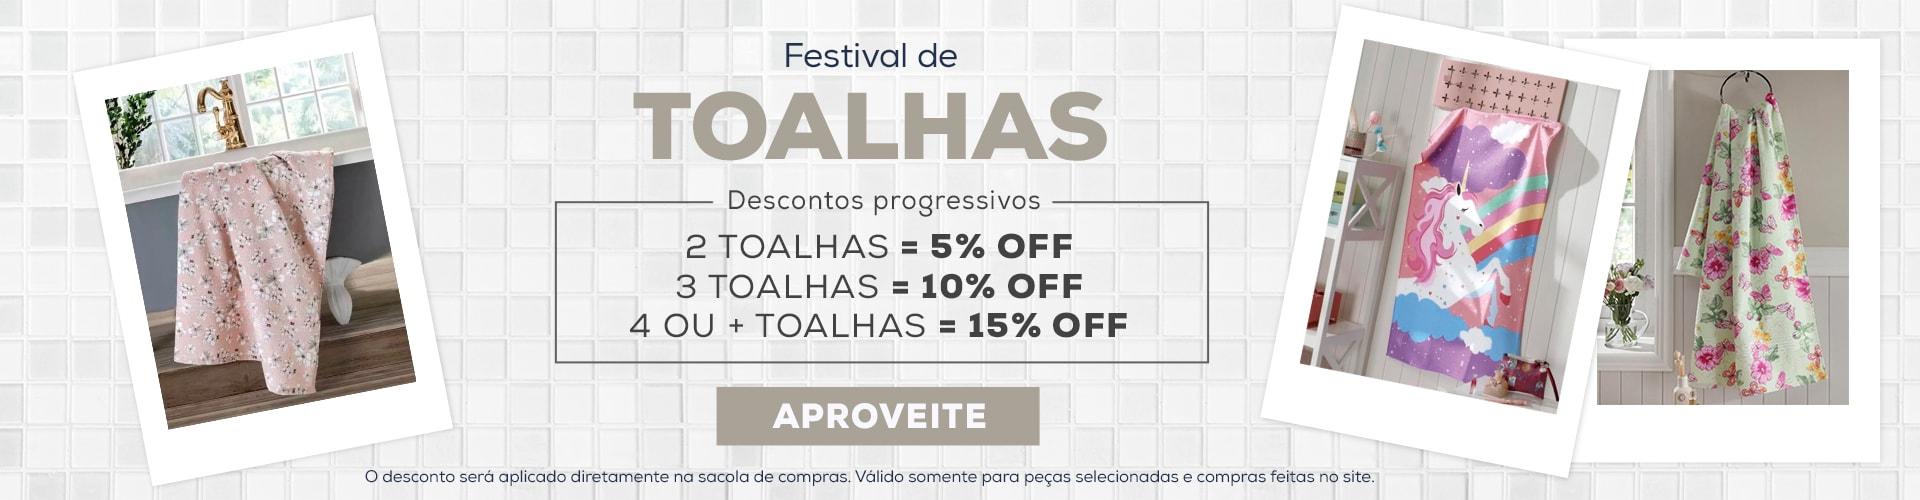 Festival de Toalhas